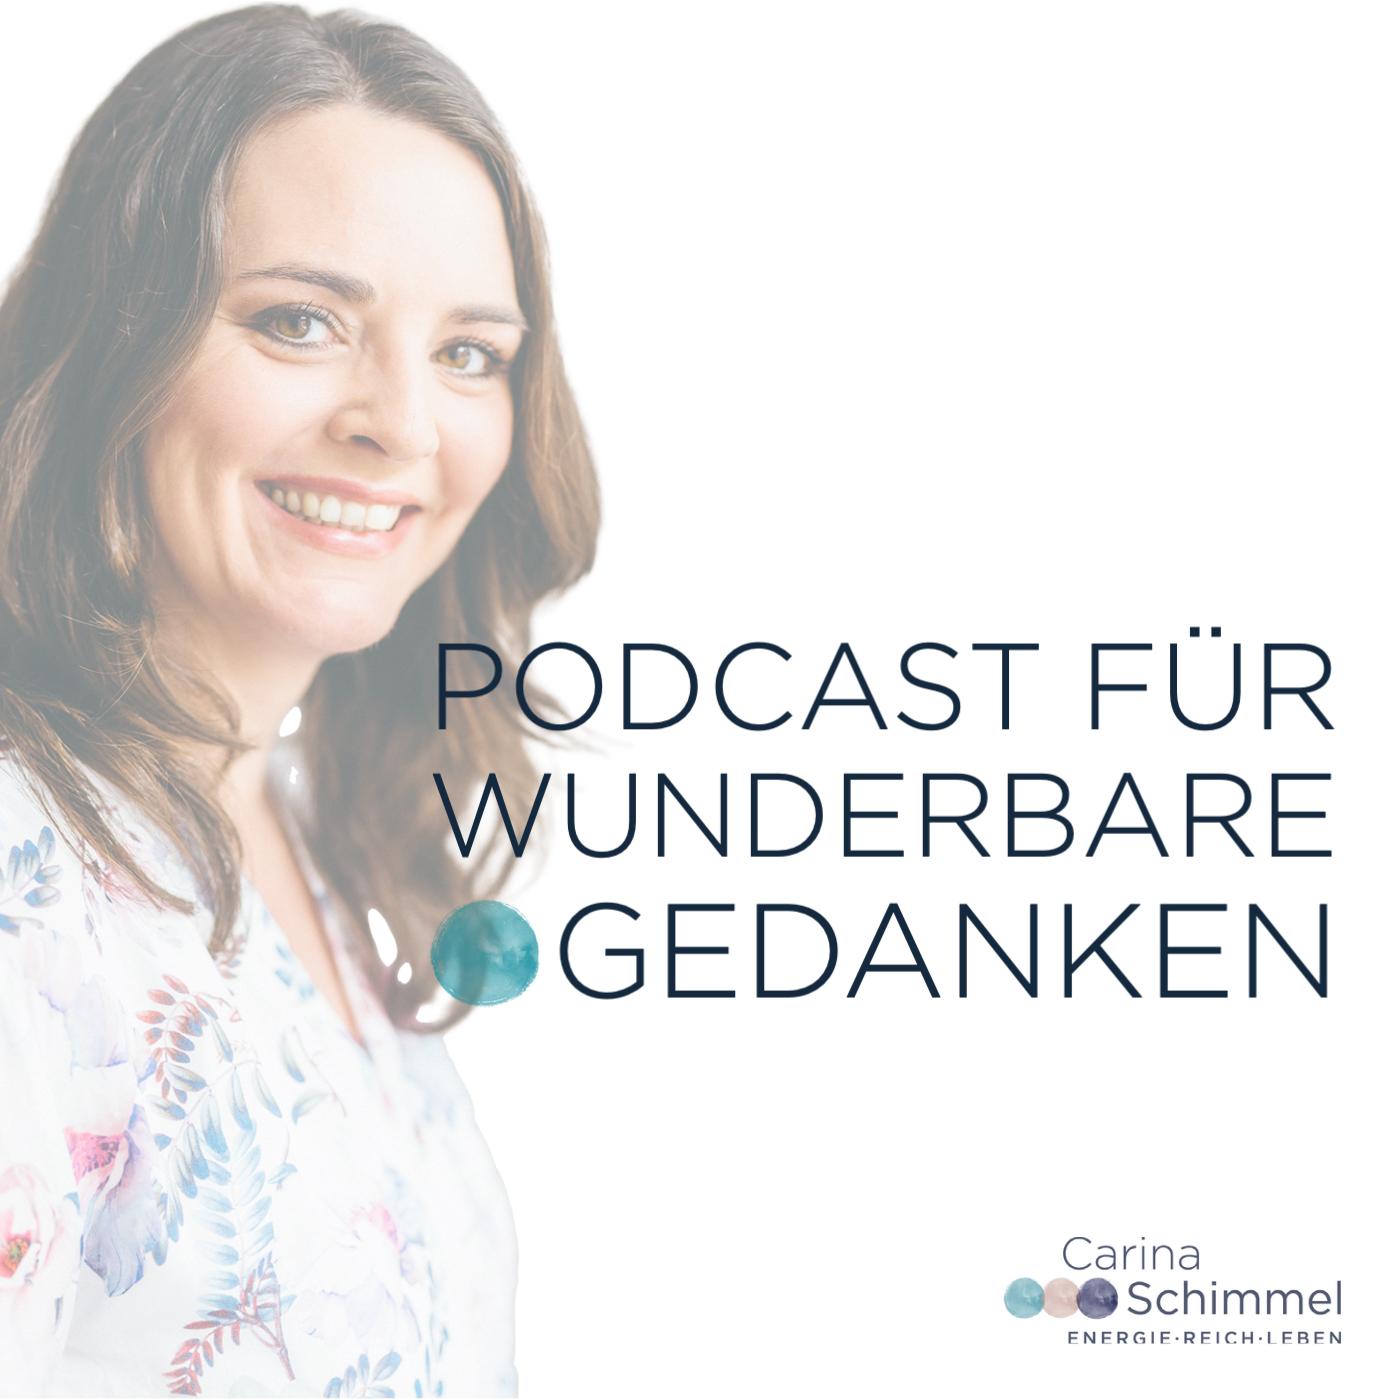 Podcast für wunderbare Gedanken